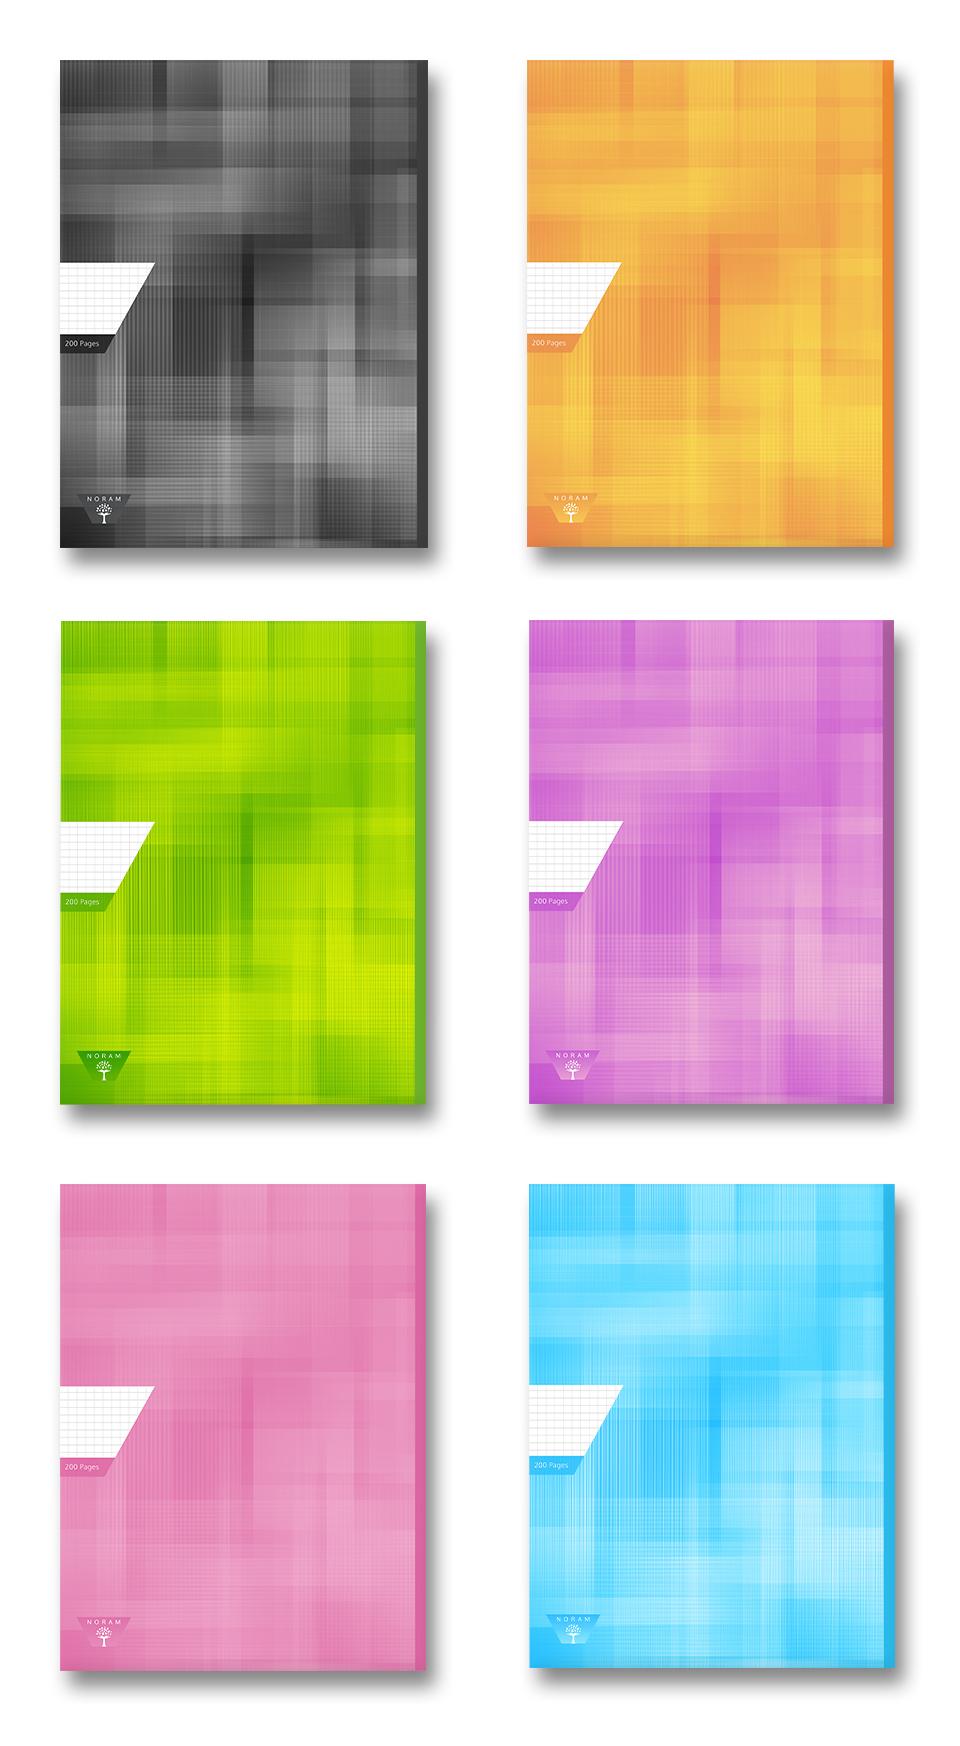 création du logotype et réalisation des cahier Noram SARL E.A.P.I - portfolio da-conceicao.com